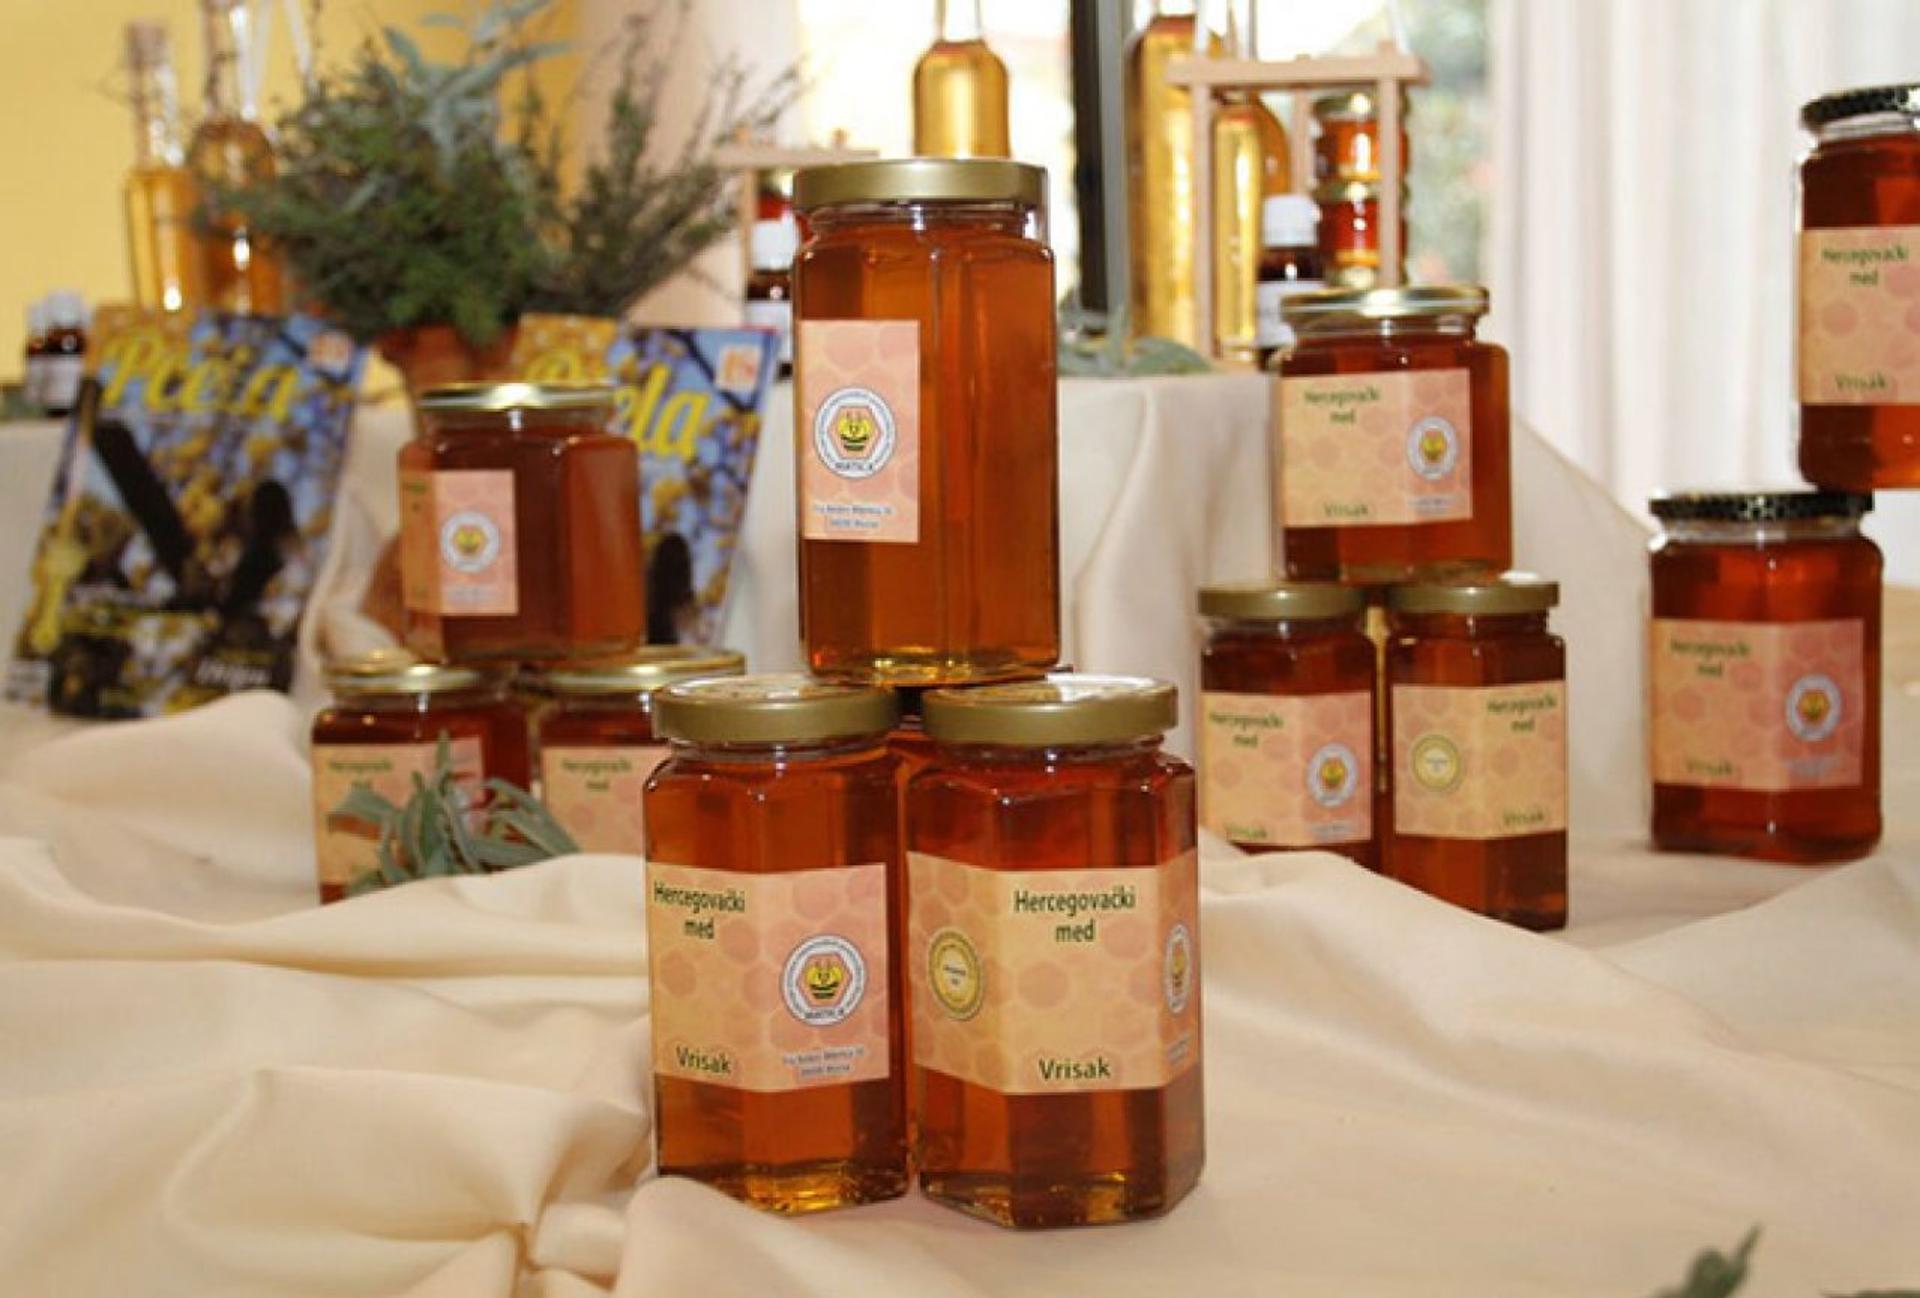 Iznimna kvaliteta meda, 38 ih dobilo najvišu ocjenu